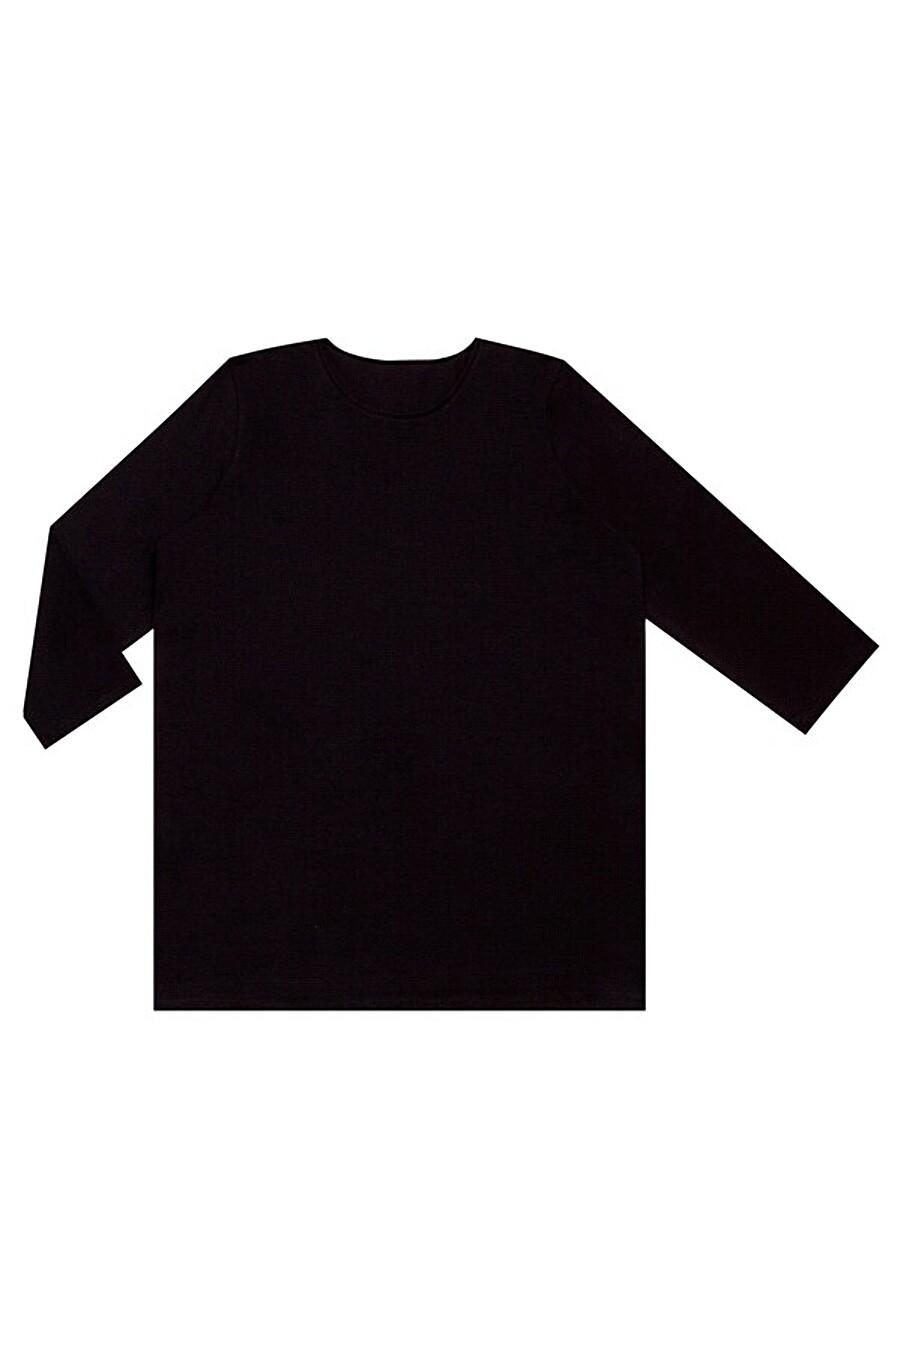 Джемпер для женщин Archi 158286 купить оптом от производителя. Совместная покупка женской одежды в OptMoyo